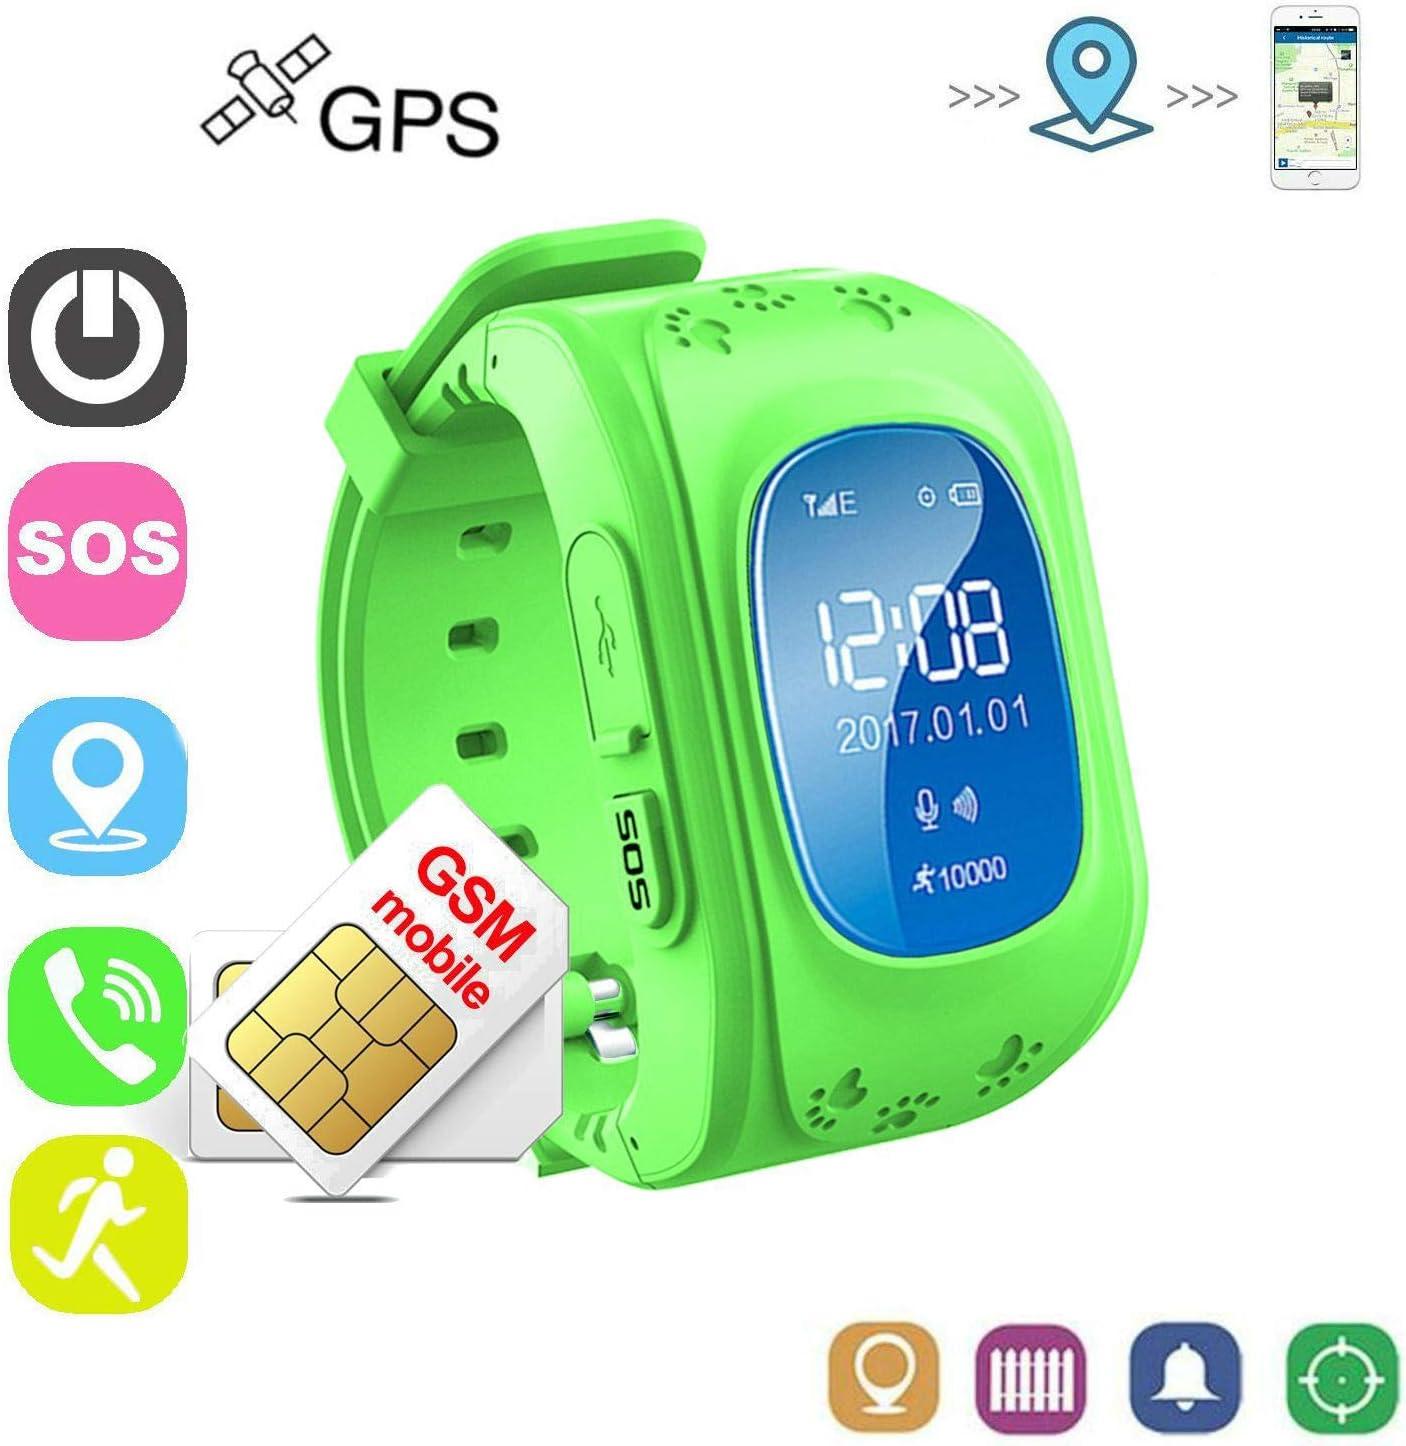 Winnes Reloj Localizador Niños GPS Localizador Niños Pulsera Pulsera Niños Seguridad GPS Reloj Niña GPS Smartwatch Niños Localizador GPS Seguimiento en Tiempo Real,Podómetro(Verde)